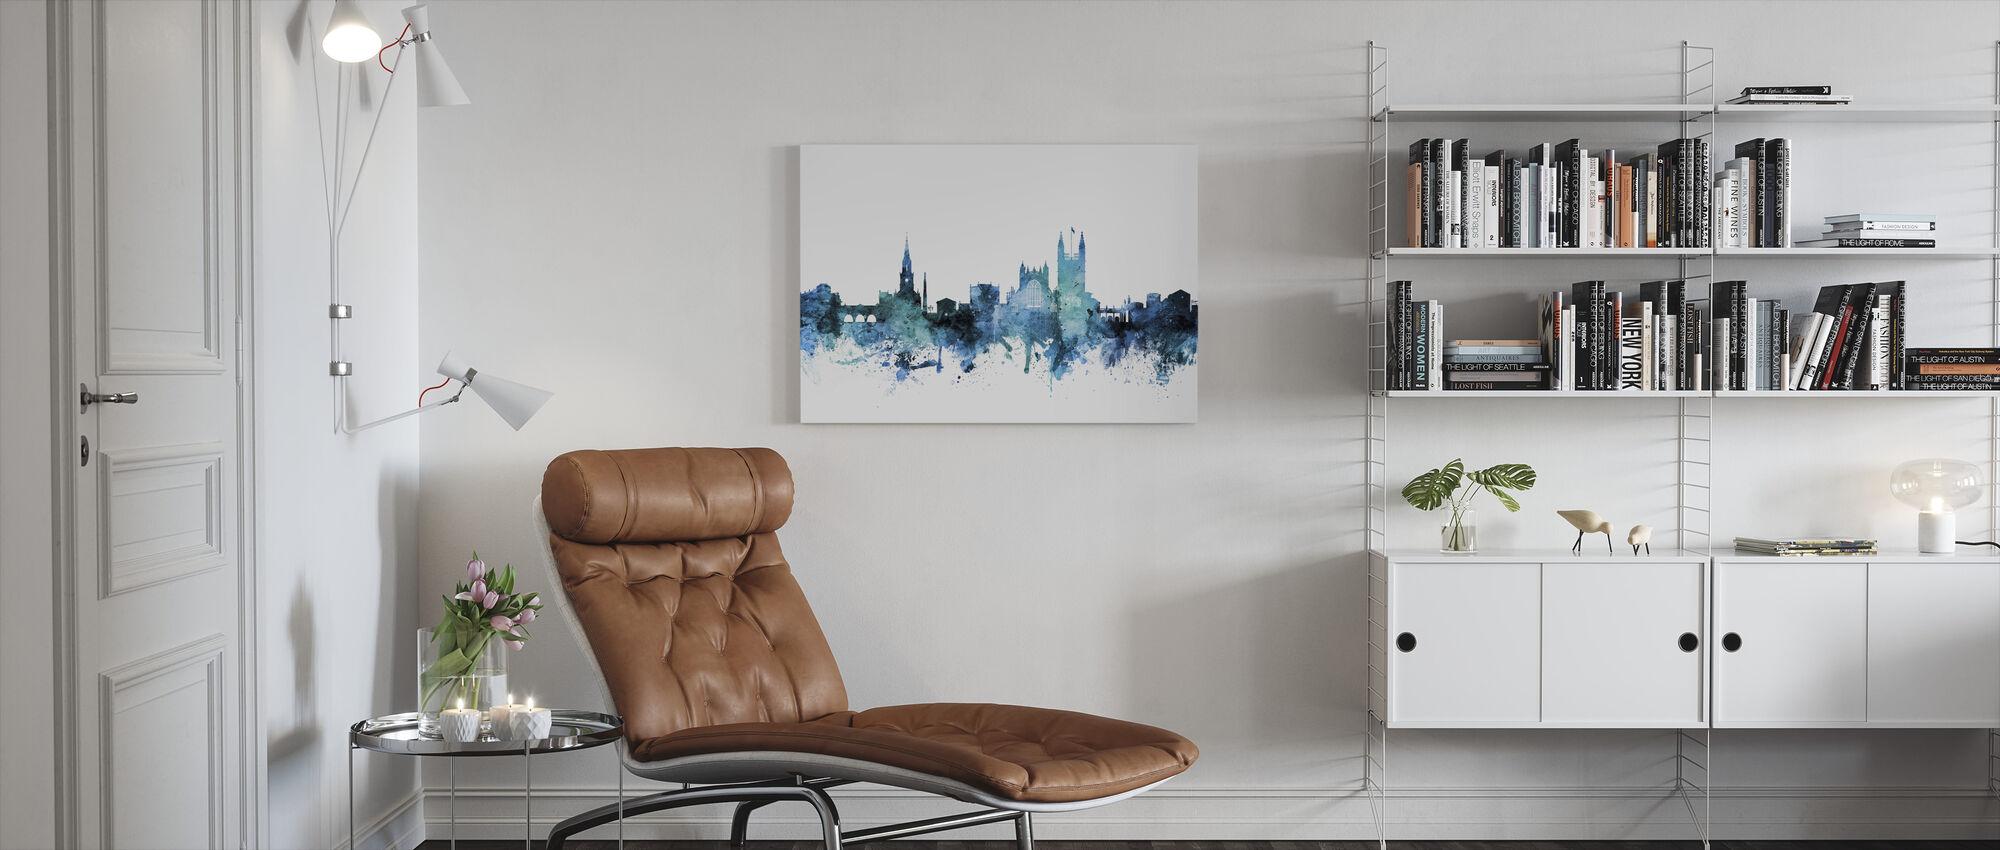 Bath England Skyline Cityscape - Canvas print - Living Room